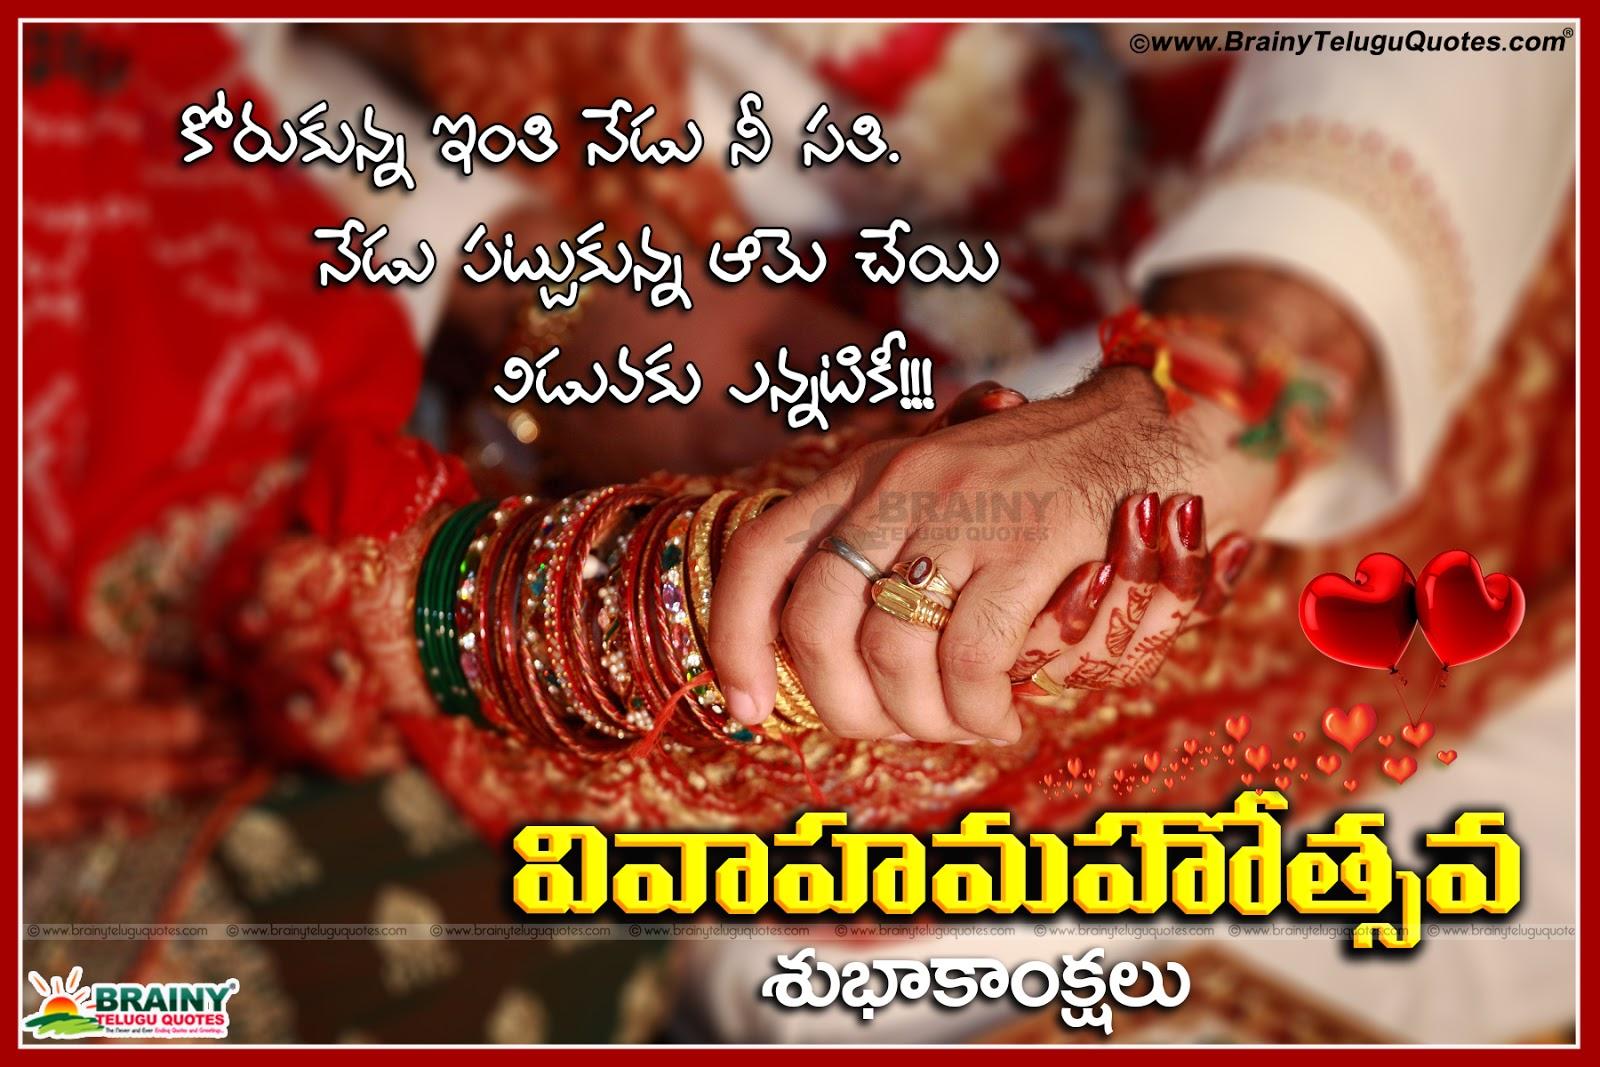 Wedding Anniversary Quotes Images In Telugu Satu Sticker